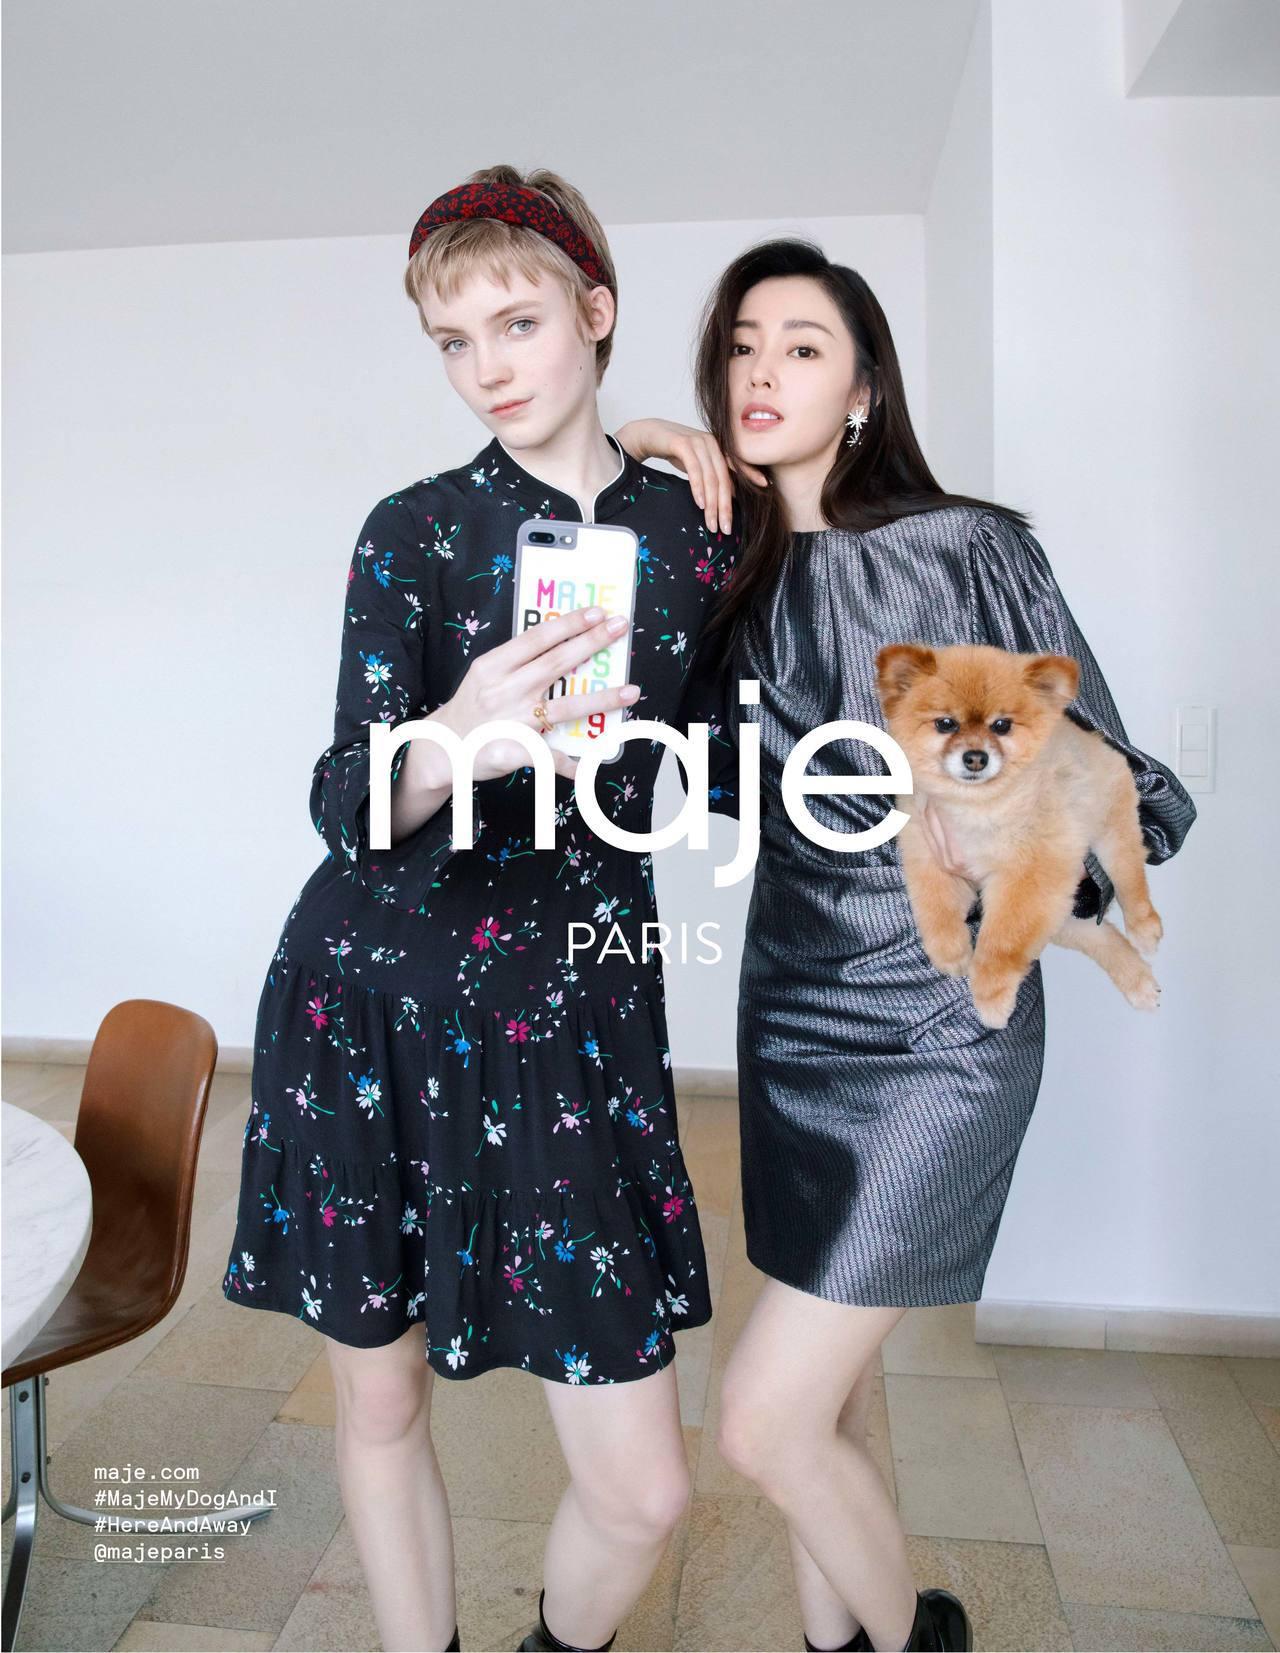 張天愛(右)成為maje秋冬系列全球代言人,詮釋金屬小禮服的派對穿搭。圖/maj...